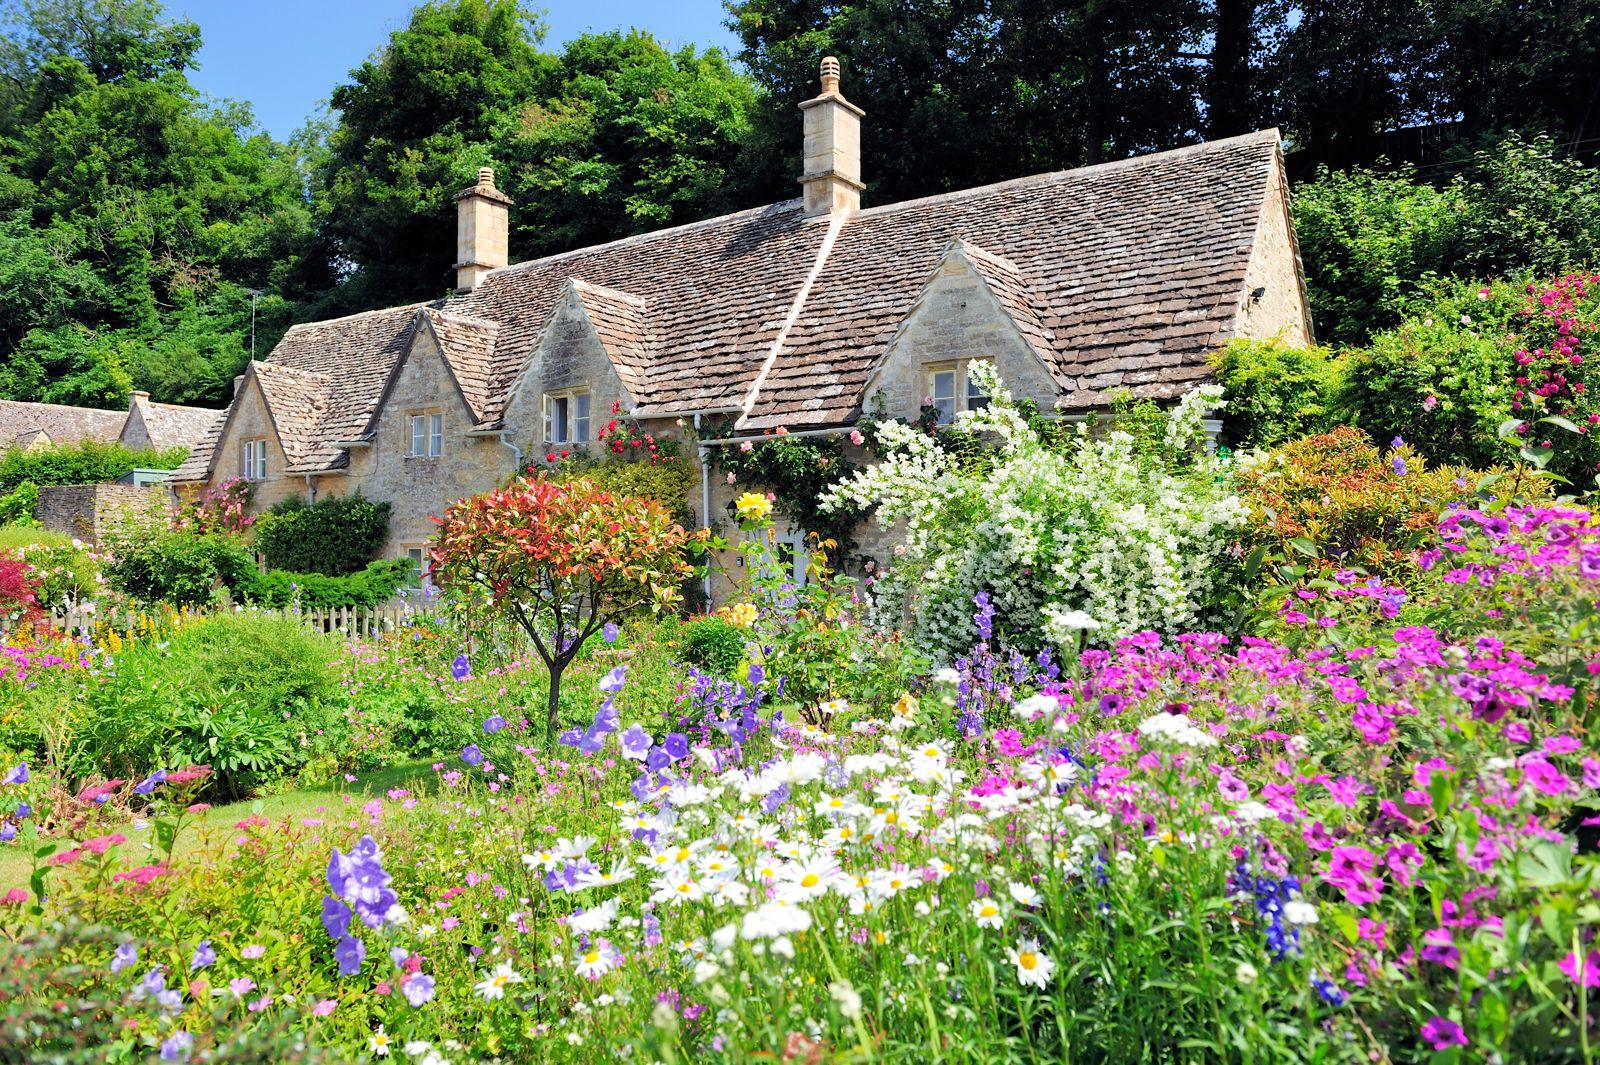 Bauerngarten Die Besten Pflanzen Tipps Zum Anlegen Plantura